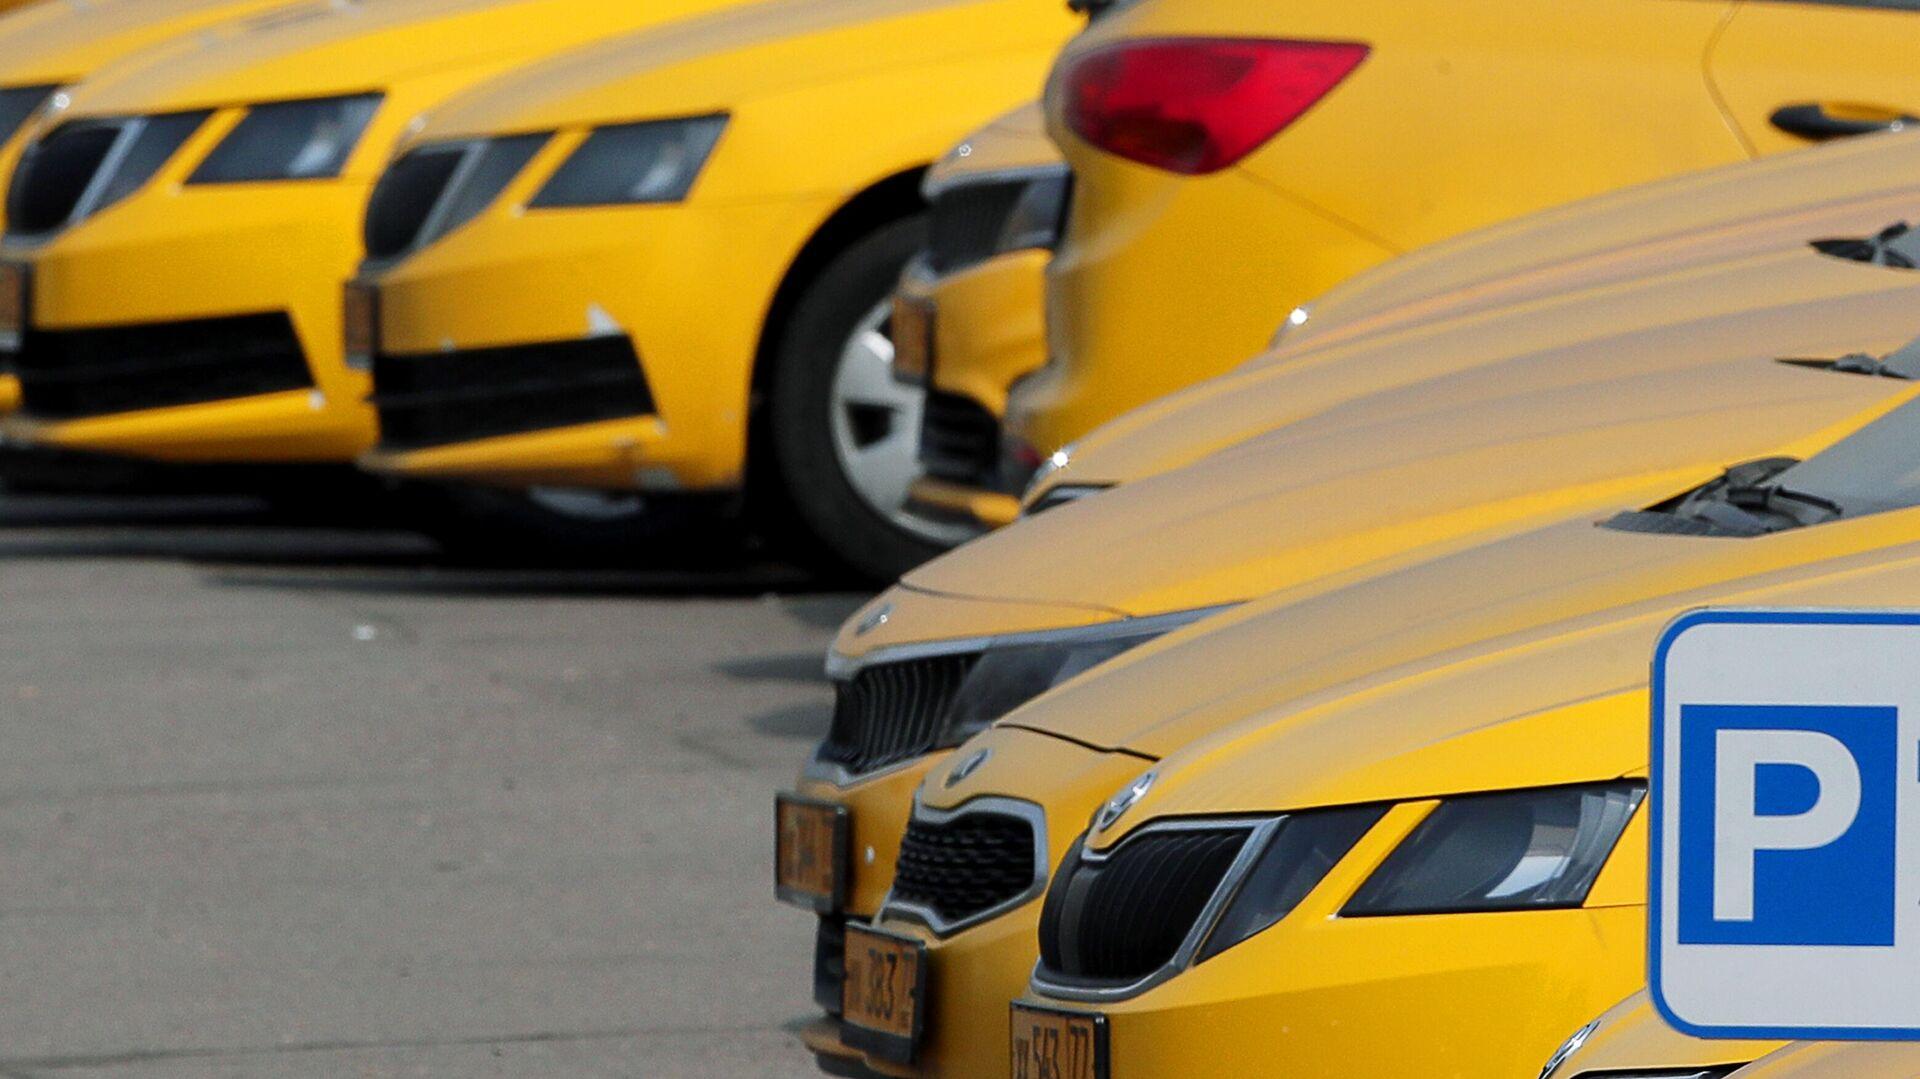 Автомобили службы Яндекс Такси в Москве - РИА Новости, 1920, 24.09.2020